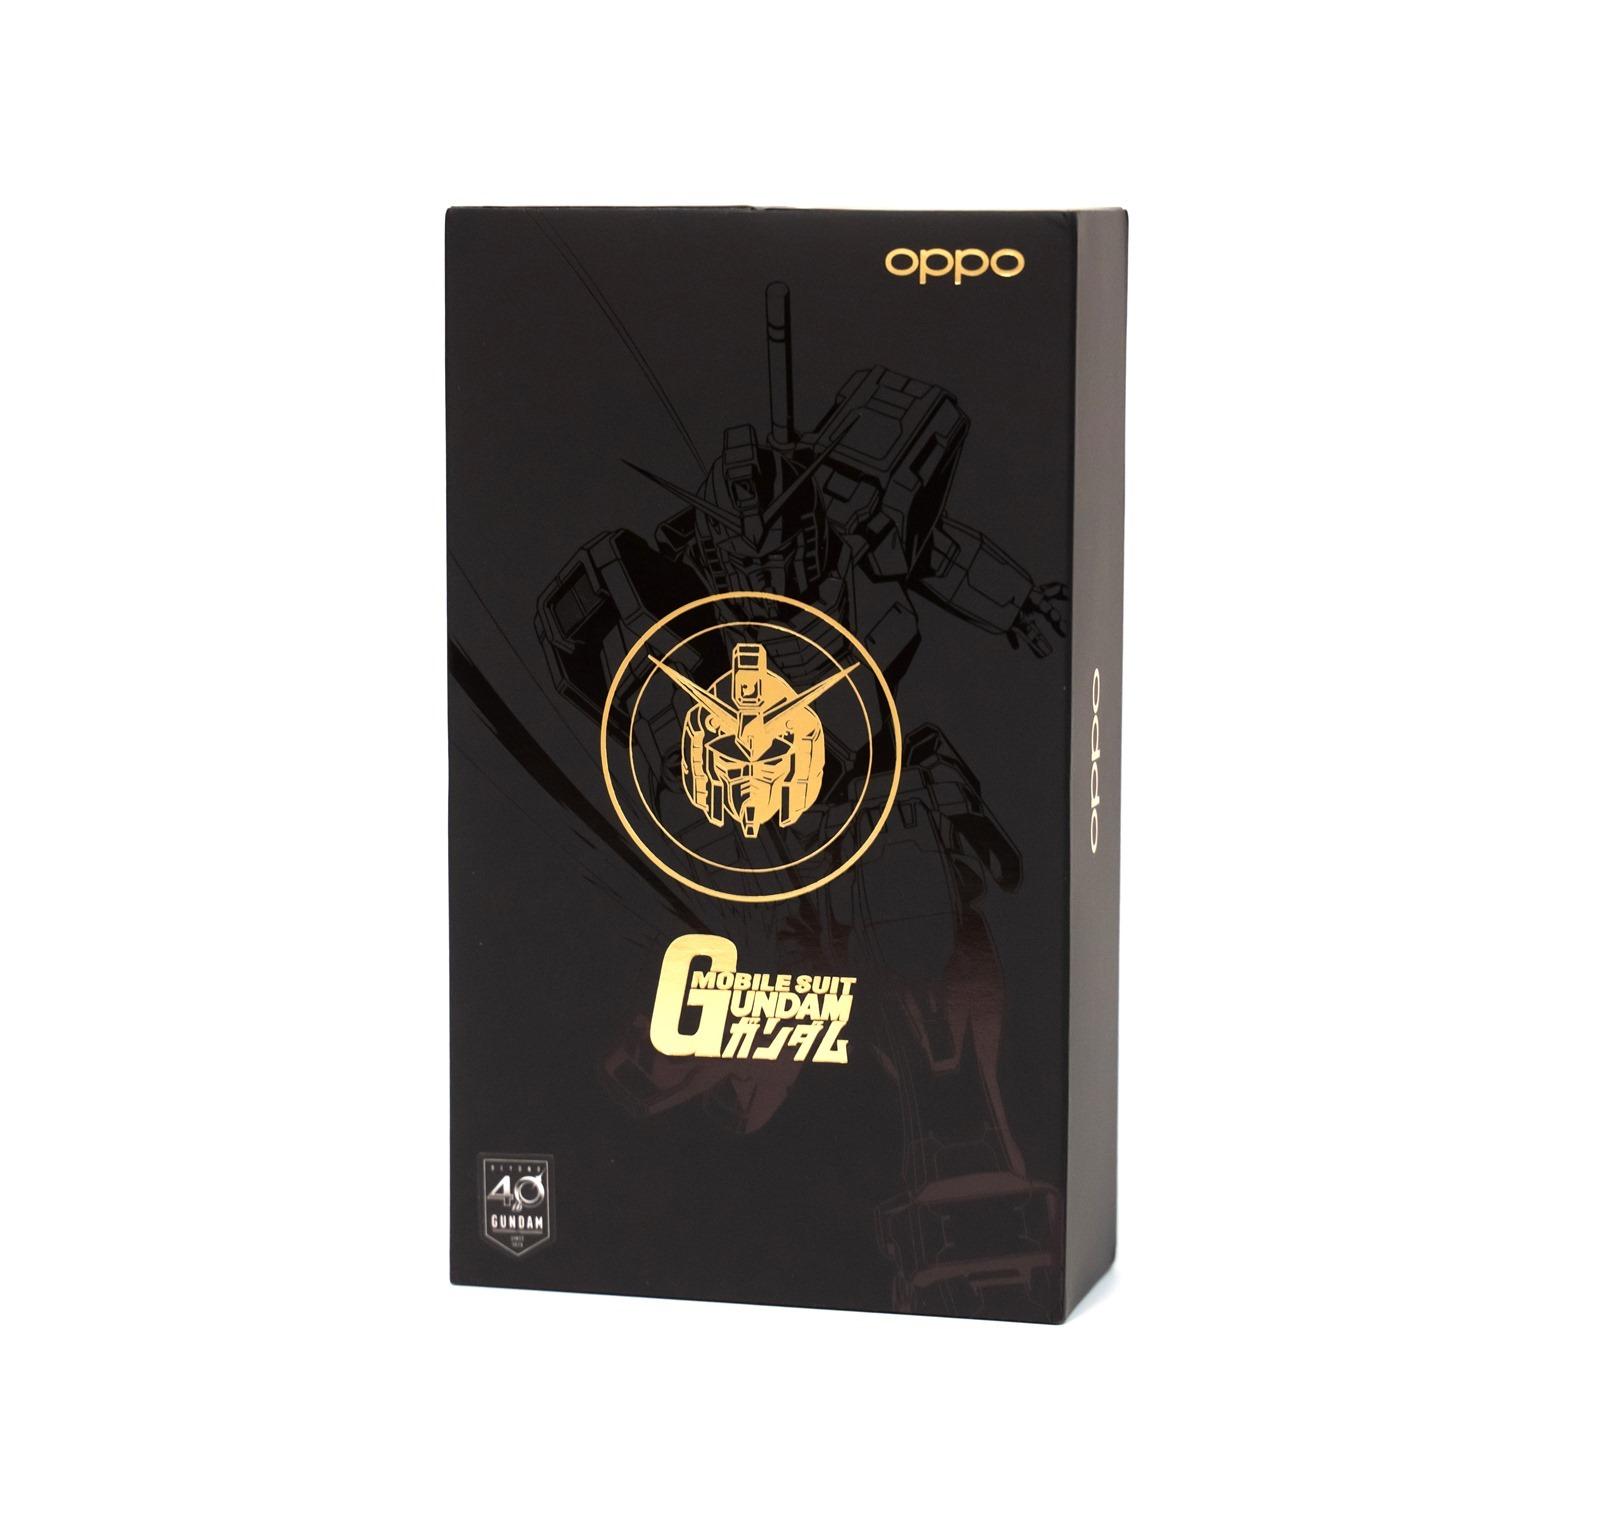 OPPO x 鋼彈 40th 聯名:RX-78-2 初鋼 VOOC 閃充行動電源 @3C 達人廖阿輝